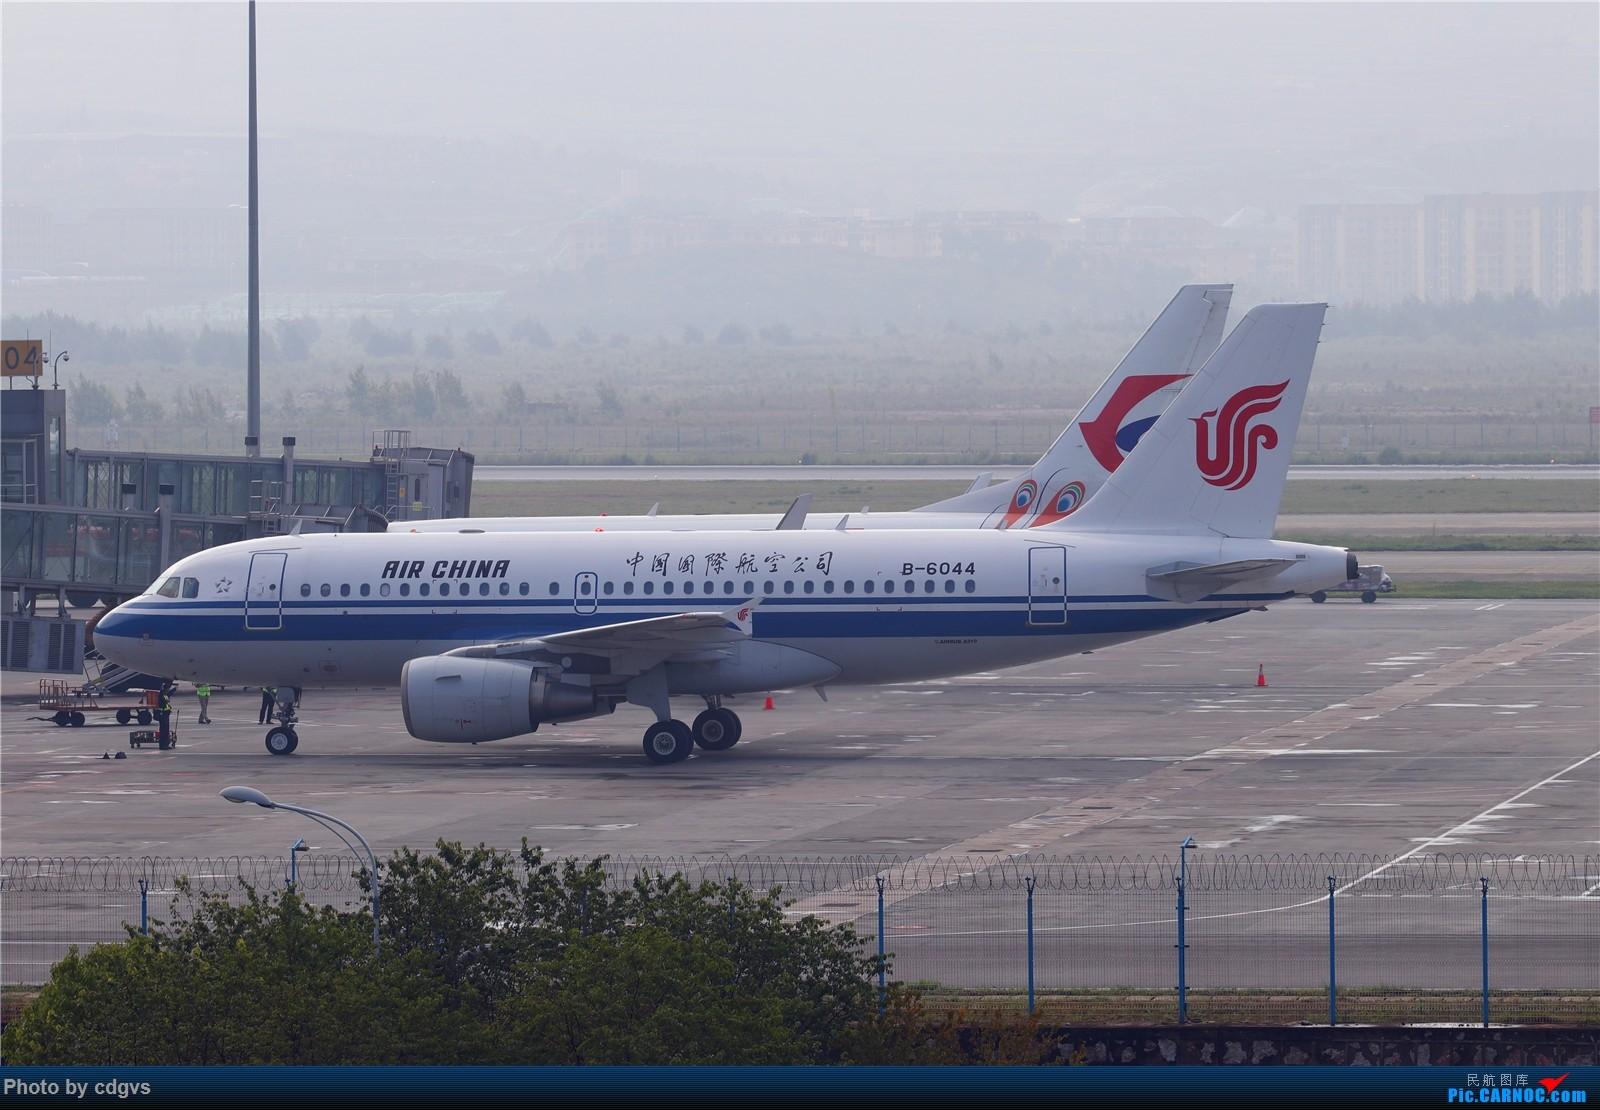 [原创]【KMG】长水机场一组 1600大图 AIRBUS A319-100 B-6044 中国昆明长水国际机场